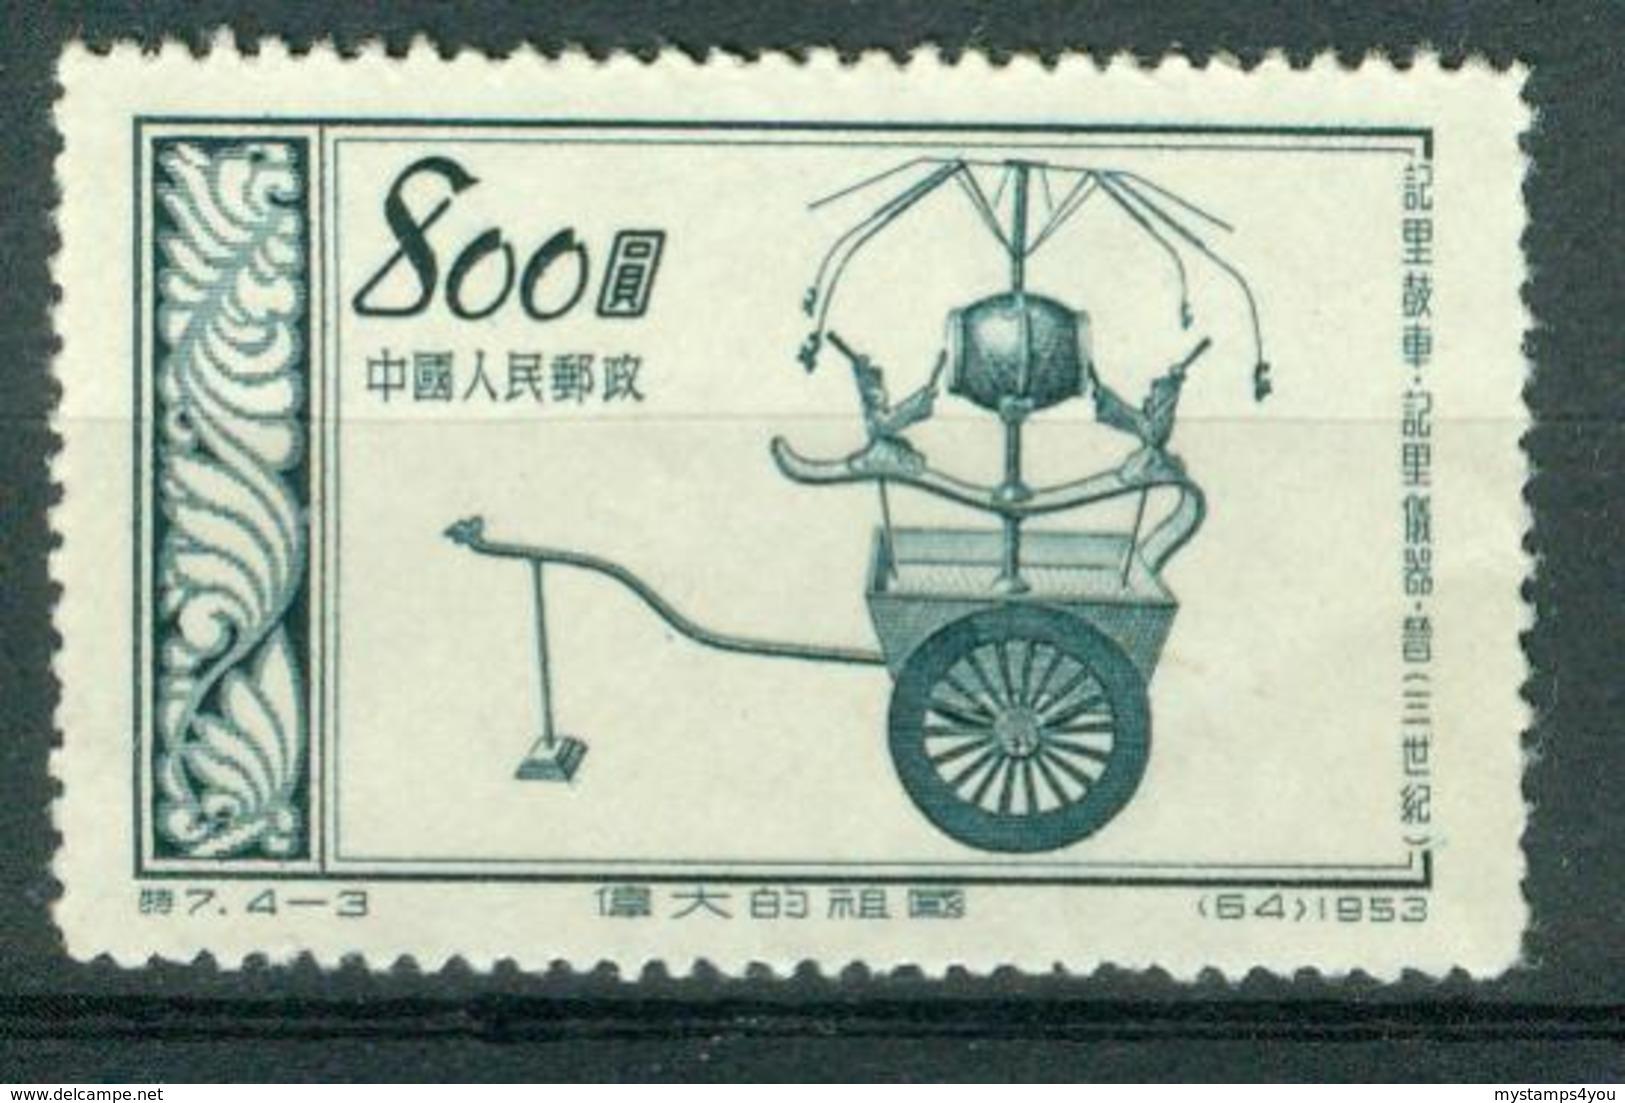 BM China, Volksrepublik 1953   MiNr 225   MNG   Alte Meßgeräte, Trommelwagen Zum Wegmessen - Unused Stamps